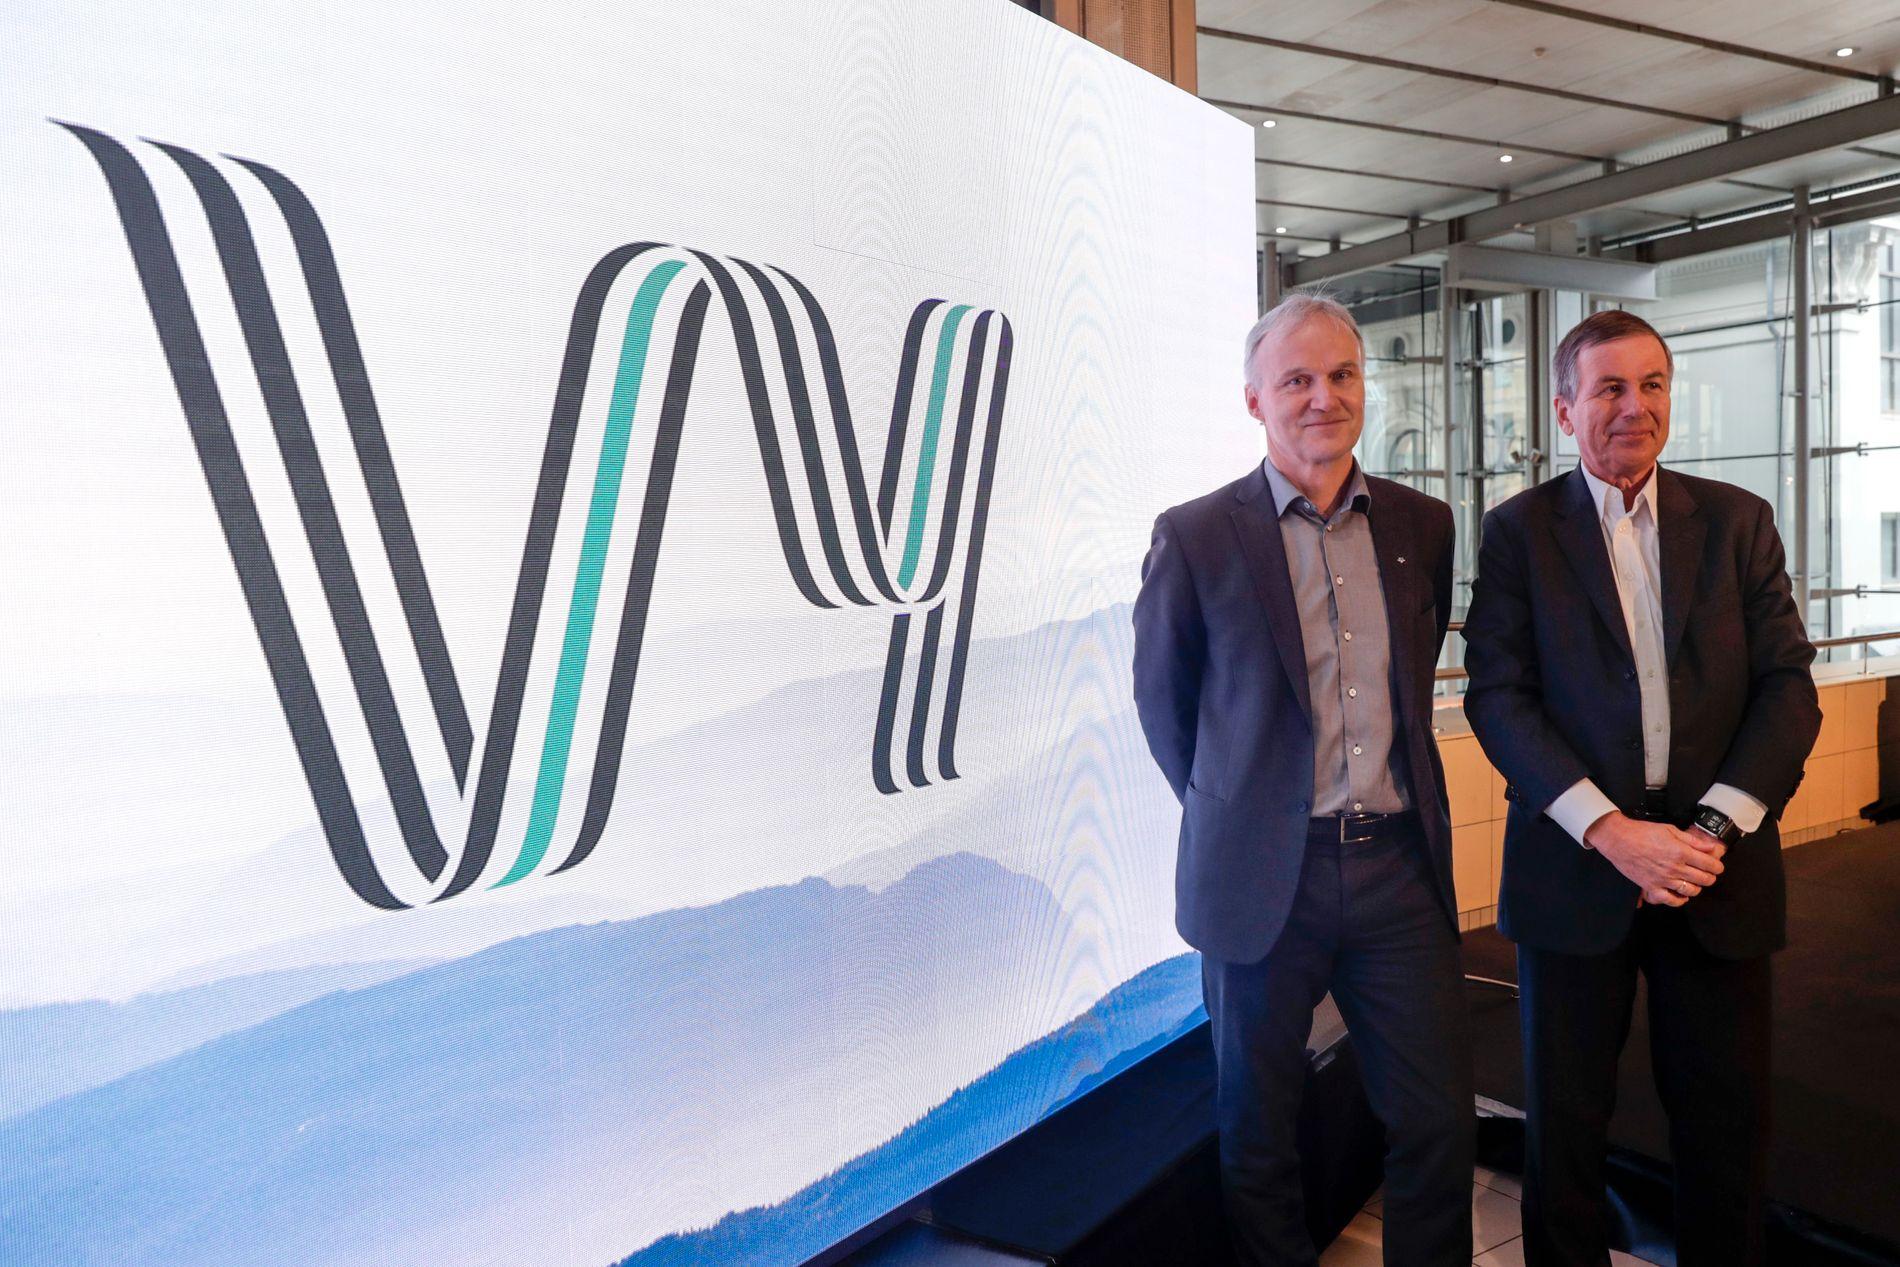 Vy er det nye navnet på NSB og Nettbuss. Navnet ble presentert av konsernsjef Geir Isaksen (til venstre) og styreleder Dag Mejdell i NSB tirsdag. Foto: Berit Roald / NTB scanpix